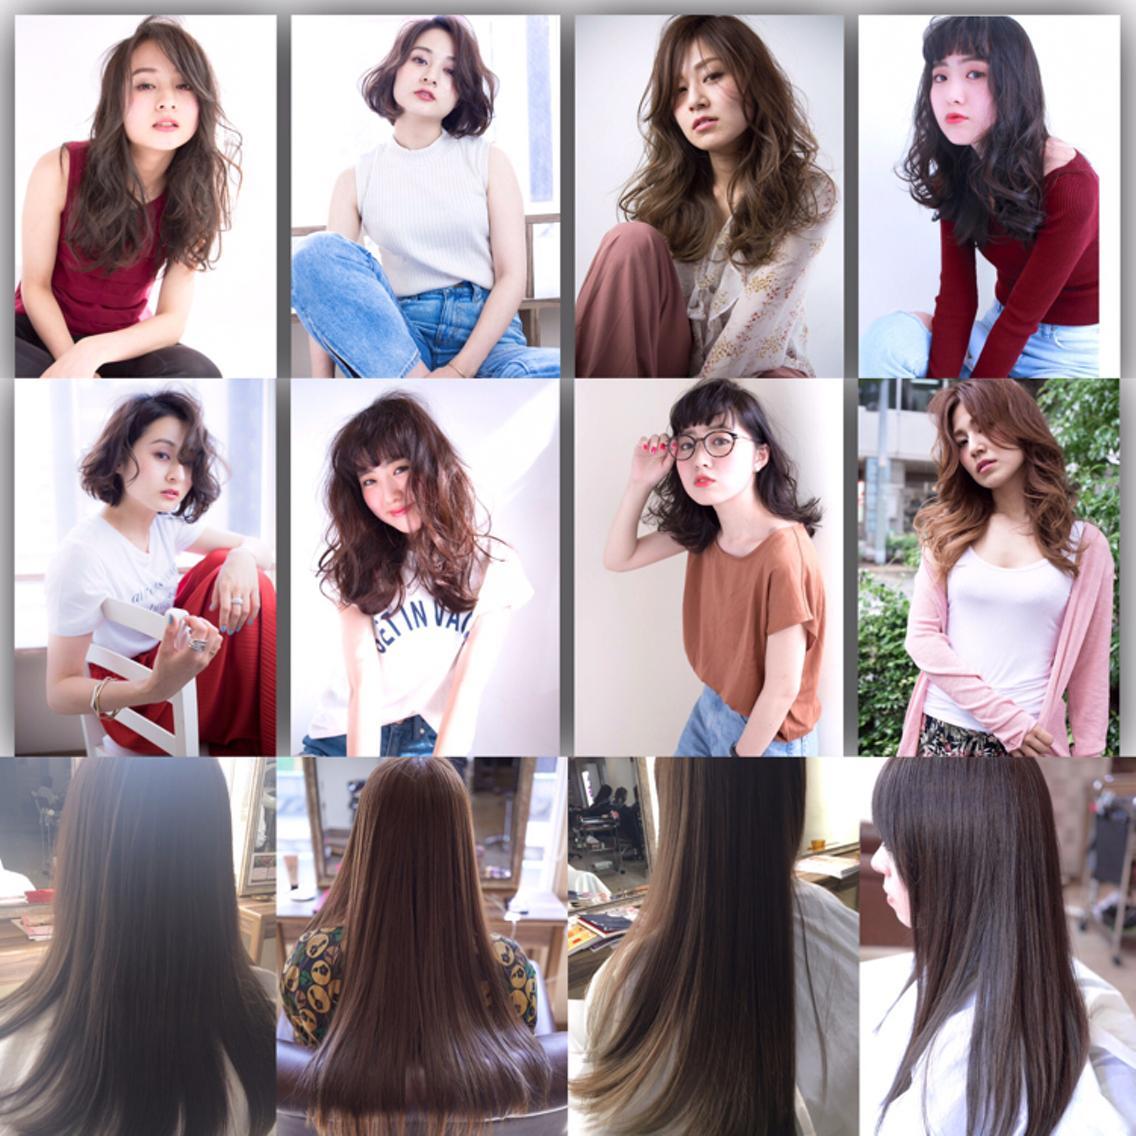 ❤️こだわりの限定メニュー多数❤️髪のダメージ徹底解説🌈1日3名限定🌈完全マンツーマン施術❗️個人だから出来る良質なデザイン作りの為、一つずつこだわって集めた商材で髪に対して新しい価値をご提案❣️